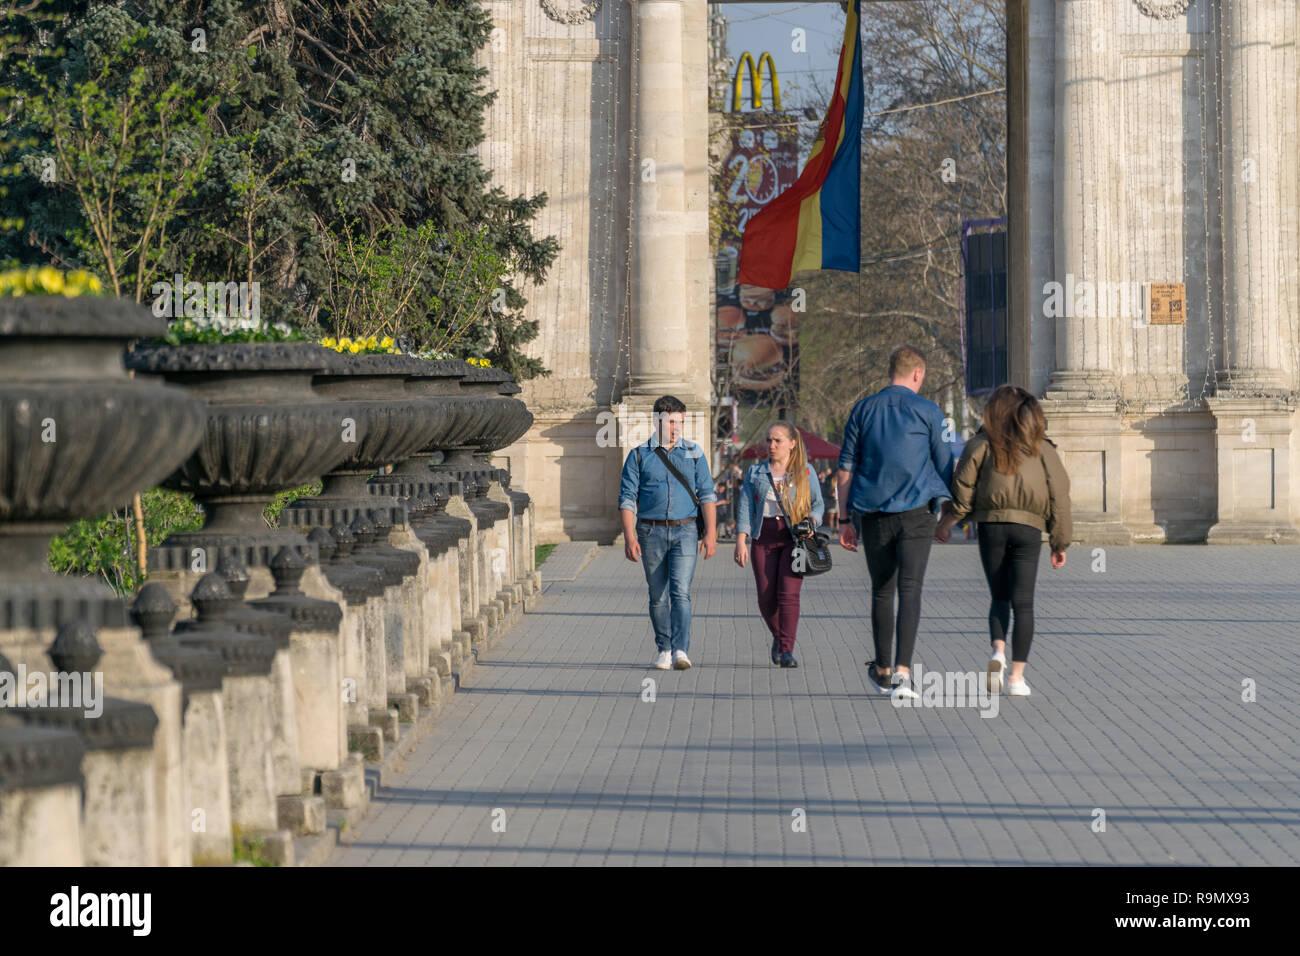 CHISINAU, Moldova - Abril 13, 2018: la gente caminando en la Gran Asamblea Nacional Plaza en Chisinau, Moldova. Imagen De Stock